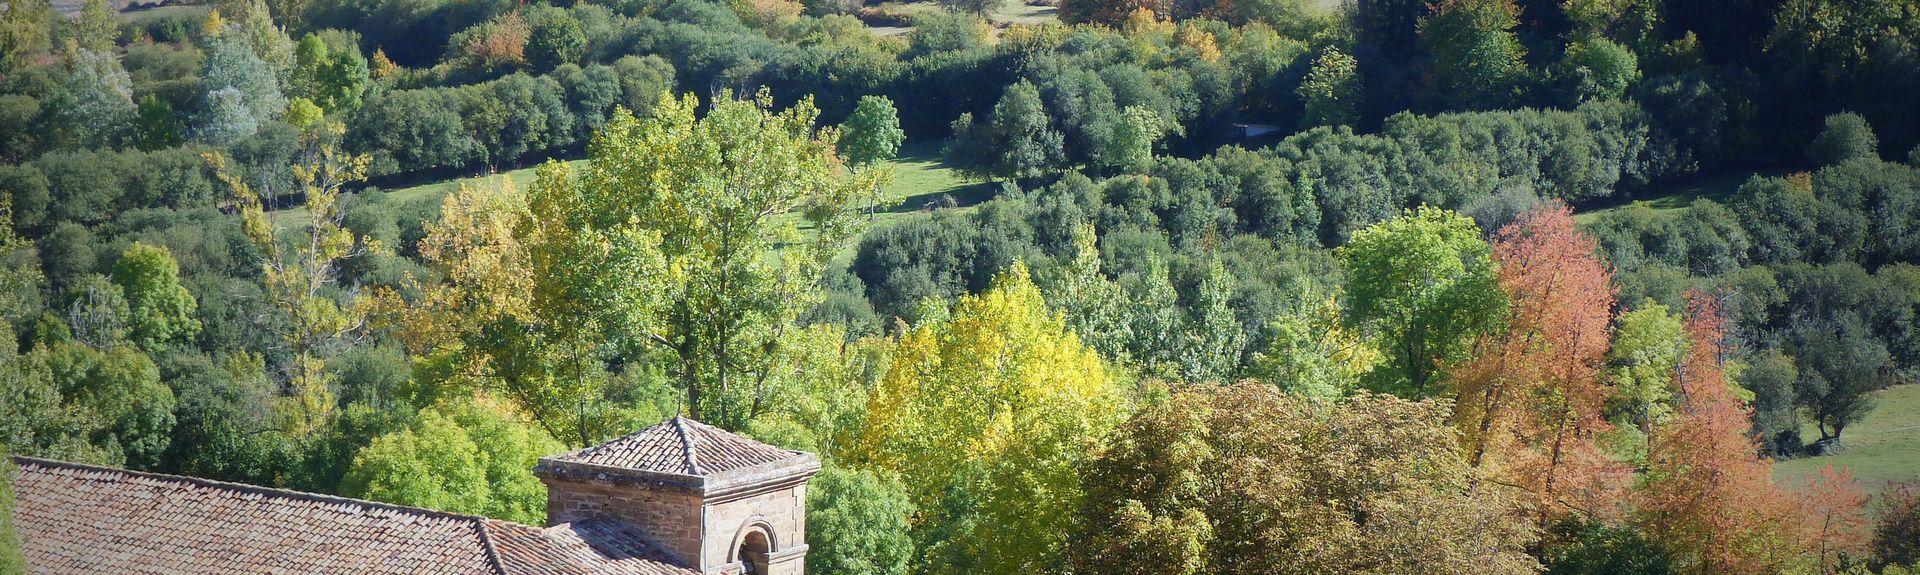 Villar de Torre, La Rioja, Spain